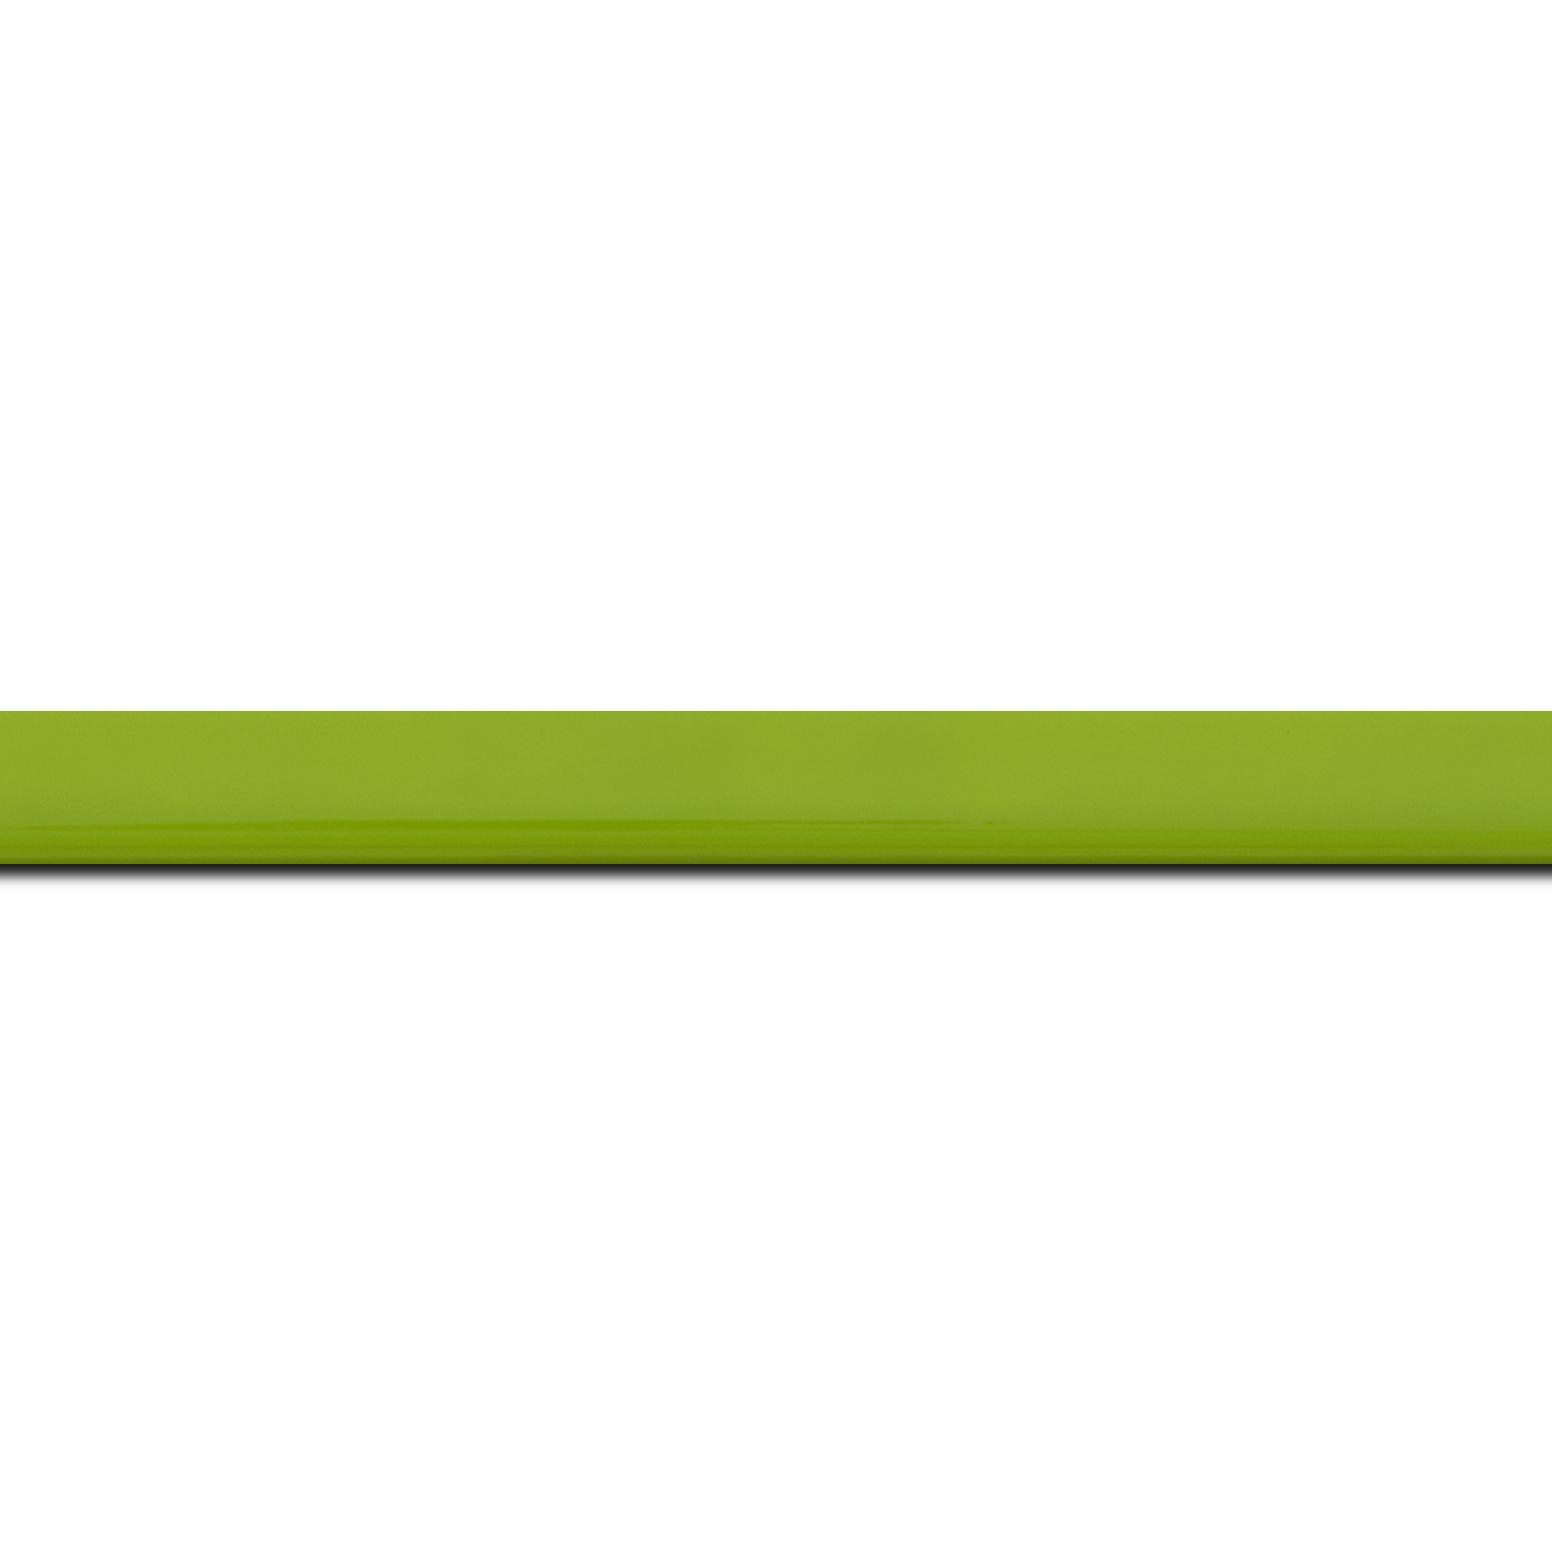 Pack par 12m, bois profil méplat largeur 1.4cm couleur vert anis laqué (longueur baguette pouvant varier entre 2.40m et 3m selon arrivage des bois)